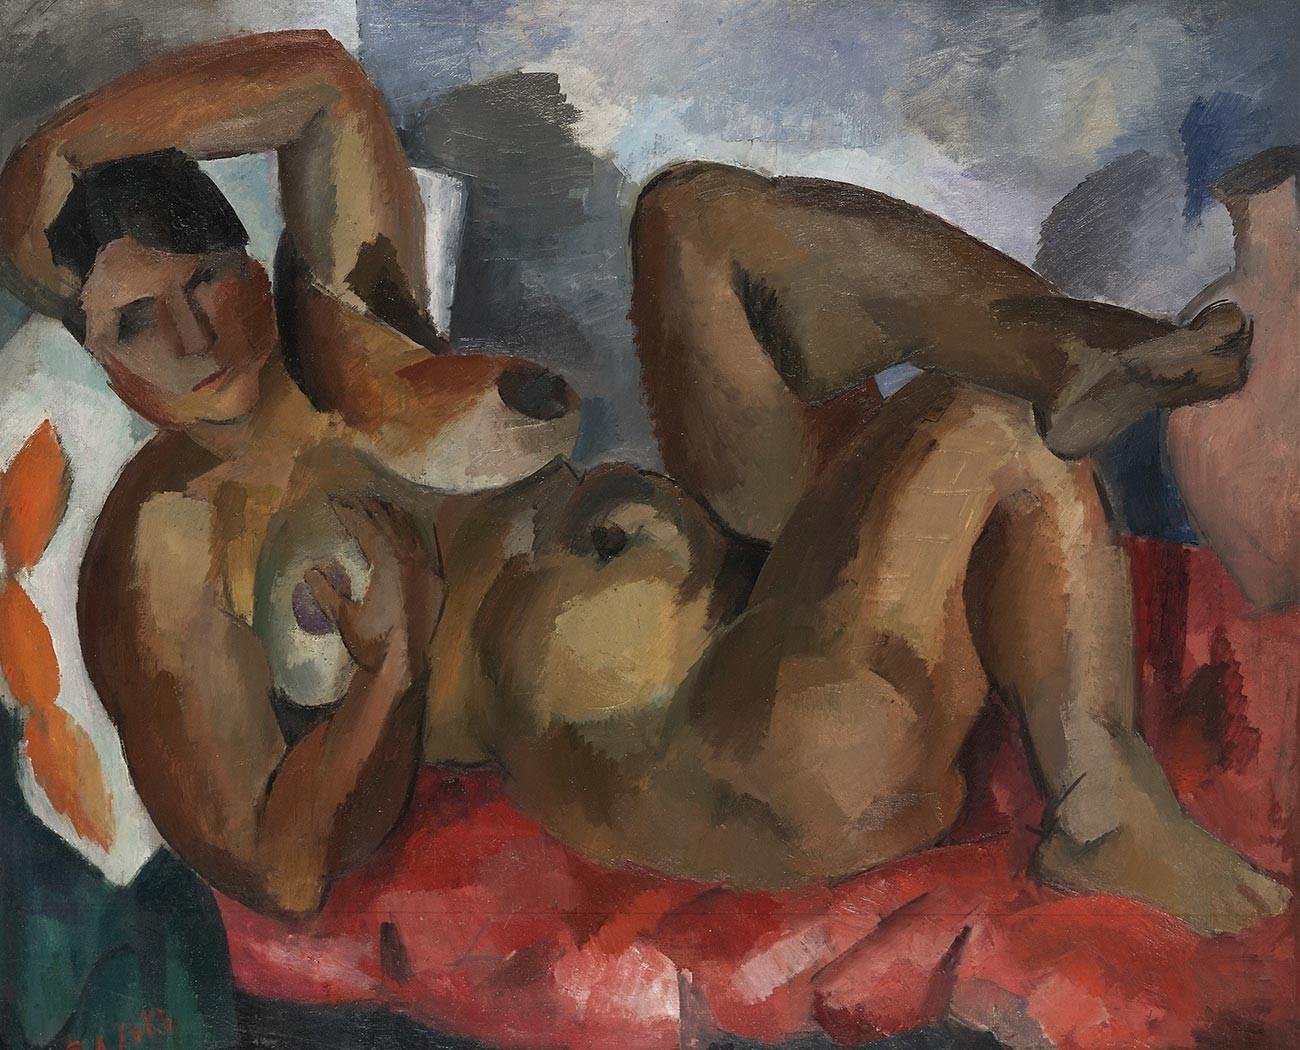 裸婦、クリミア、1916年